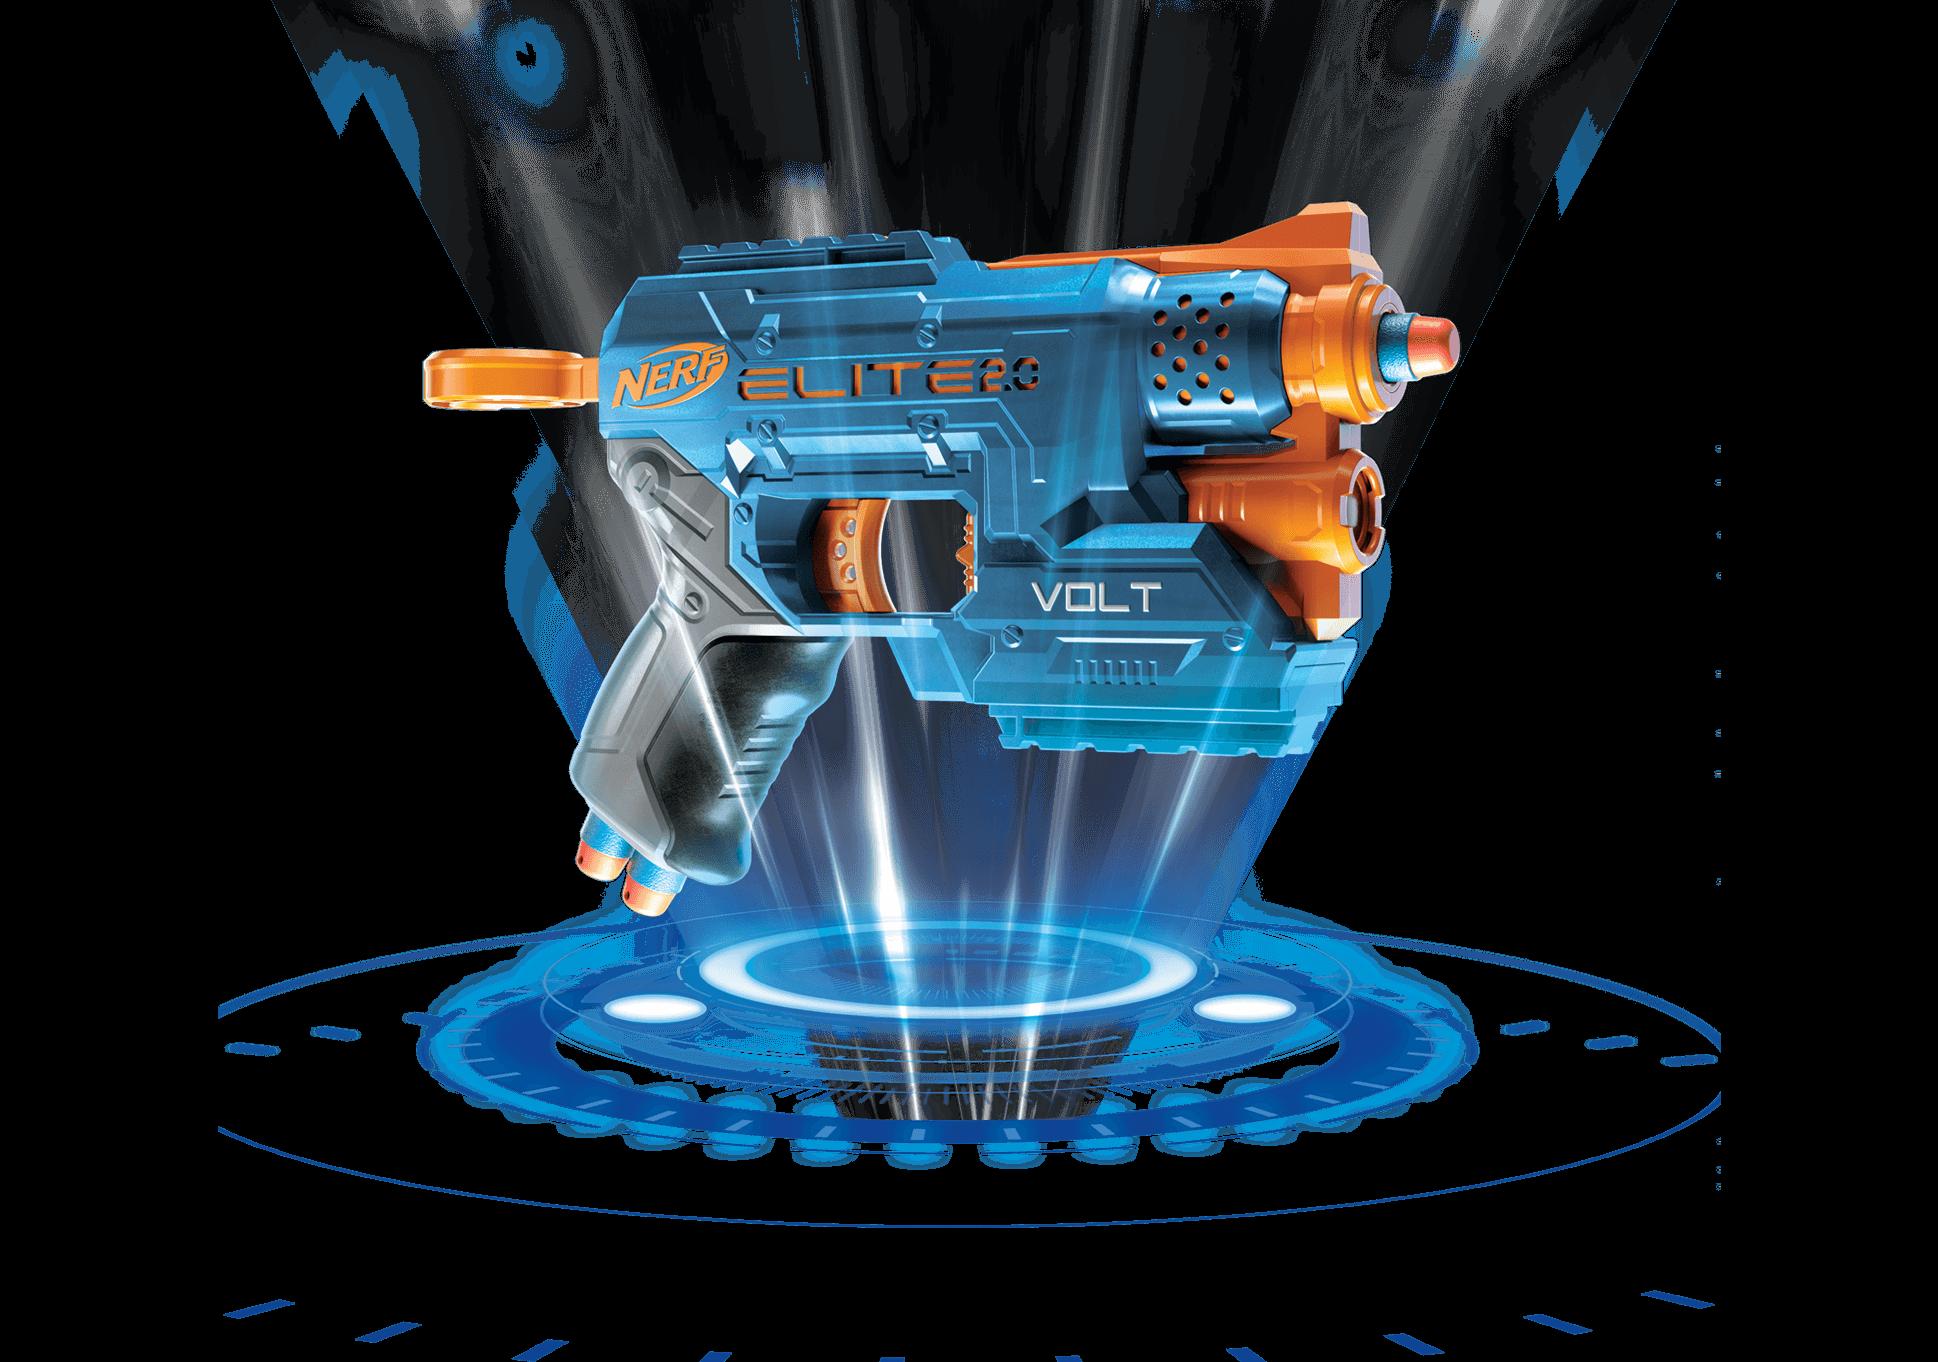 Nerf Elite 2.0 - VOLT SD-1